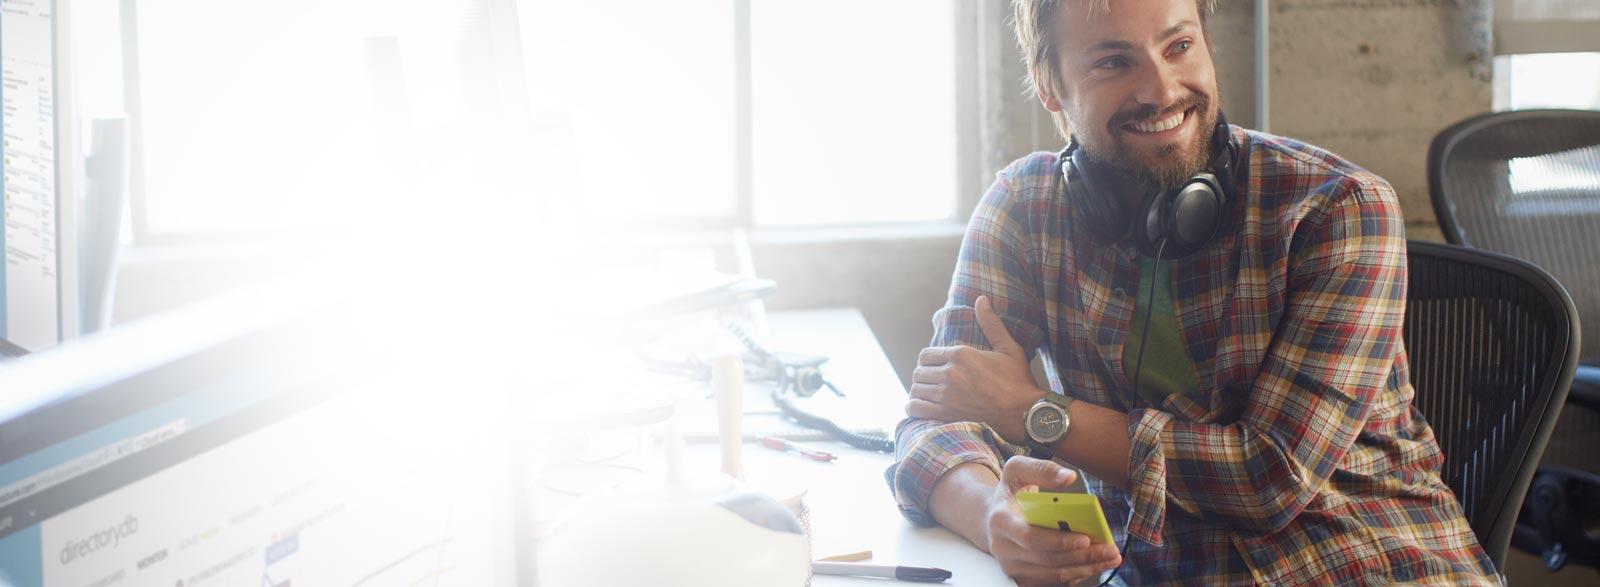 Získejte nejnovější kancelářské služby a služby pro spolupráci, které vám přináší Office 365 Enterprise E1 .